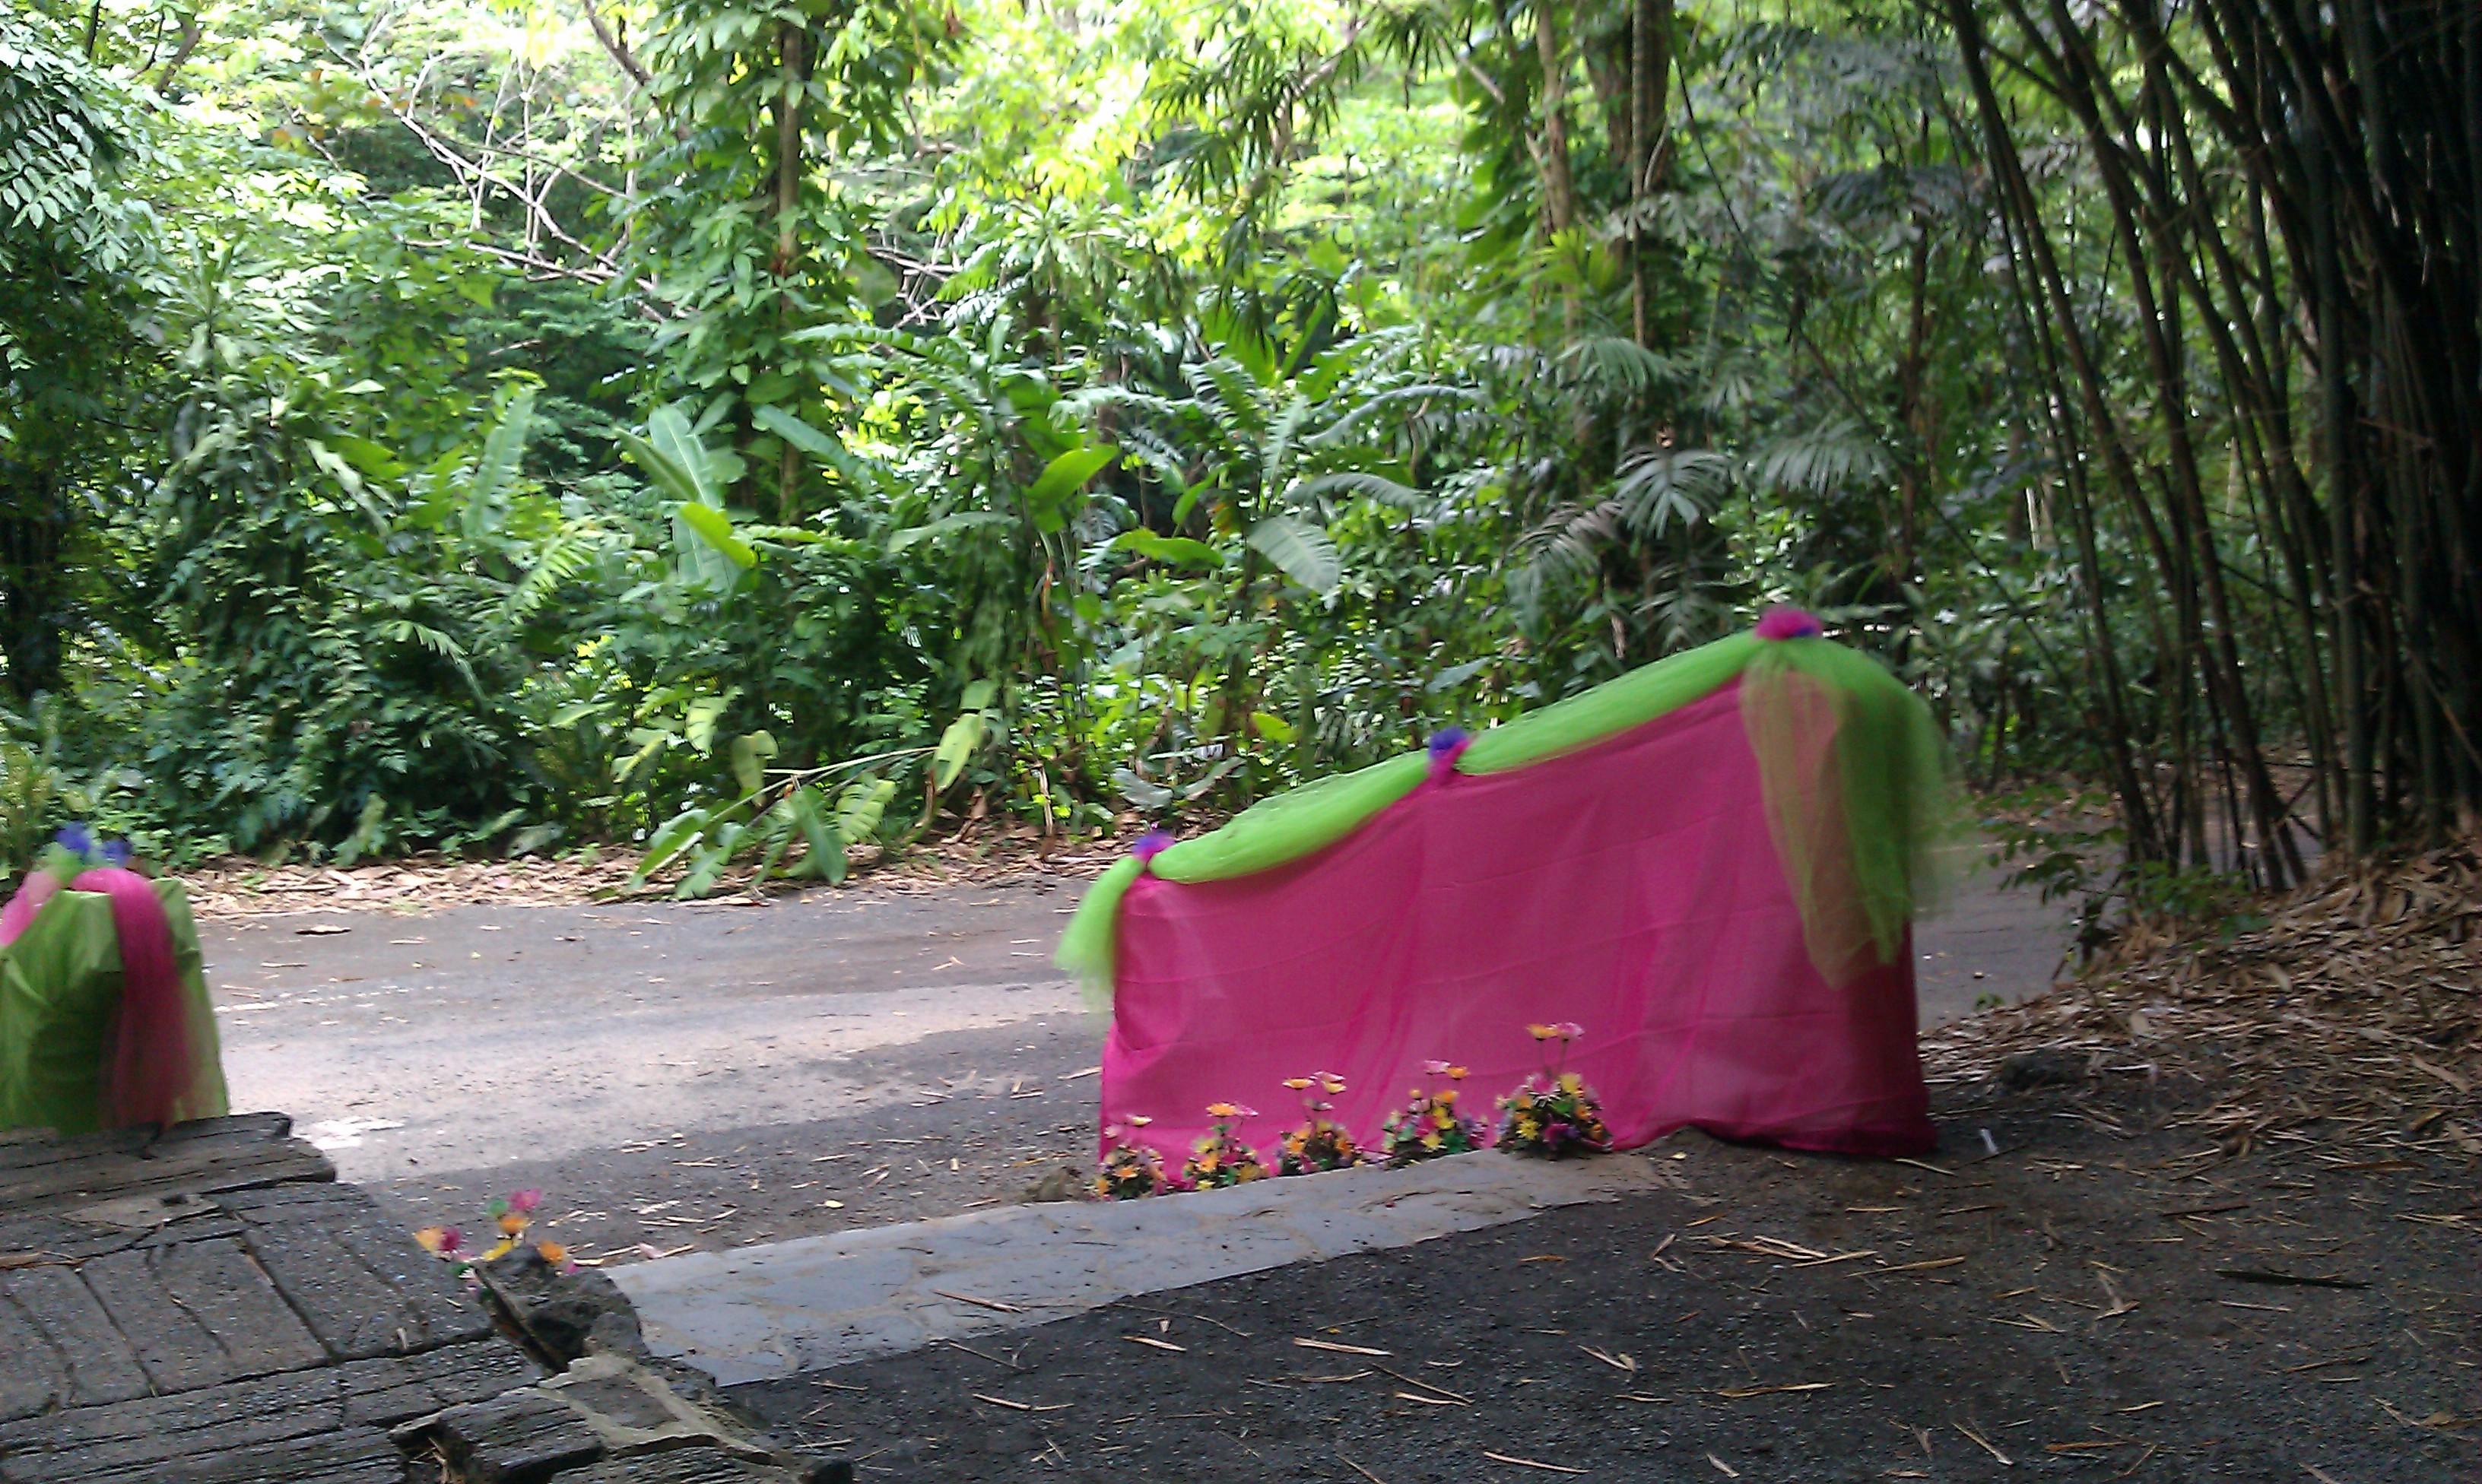 Jardin botanico4 en mi patio for Bodas en el jardin botanico